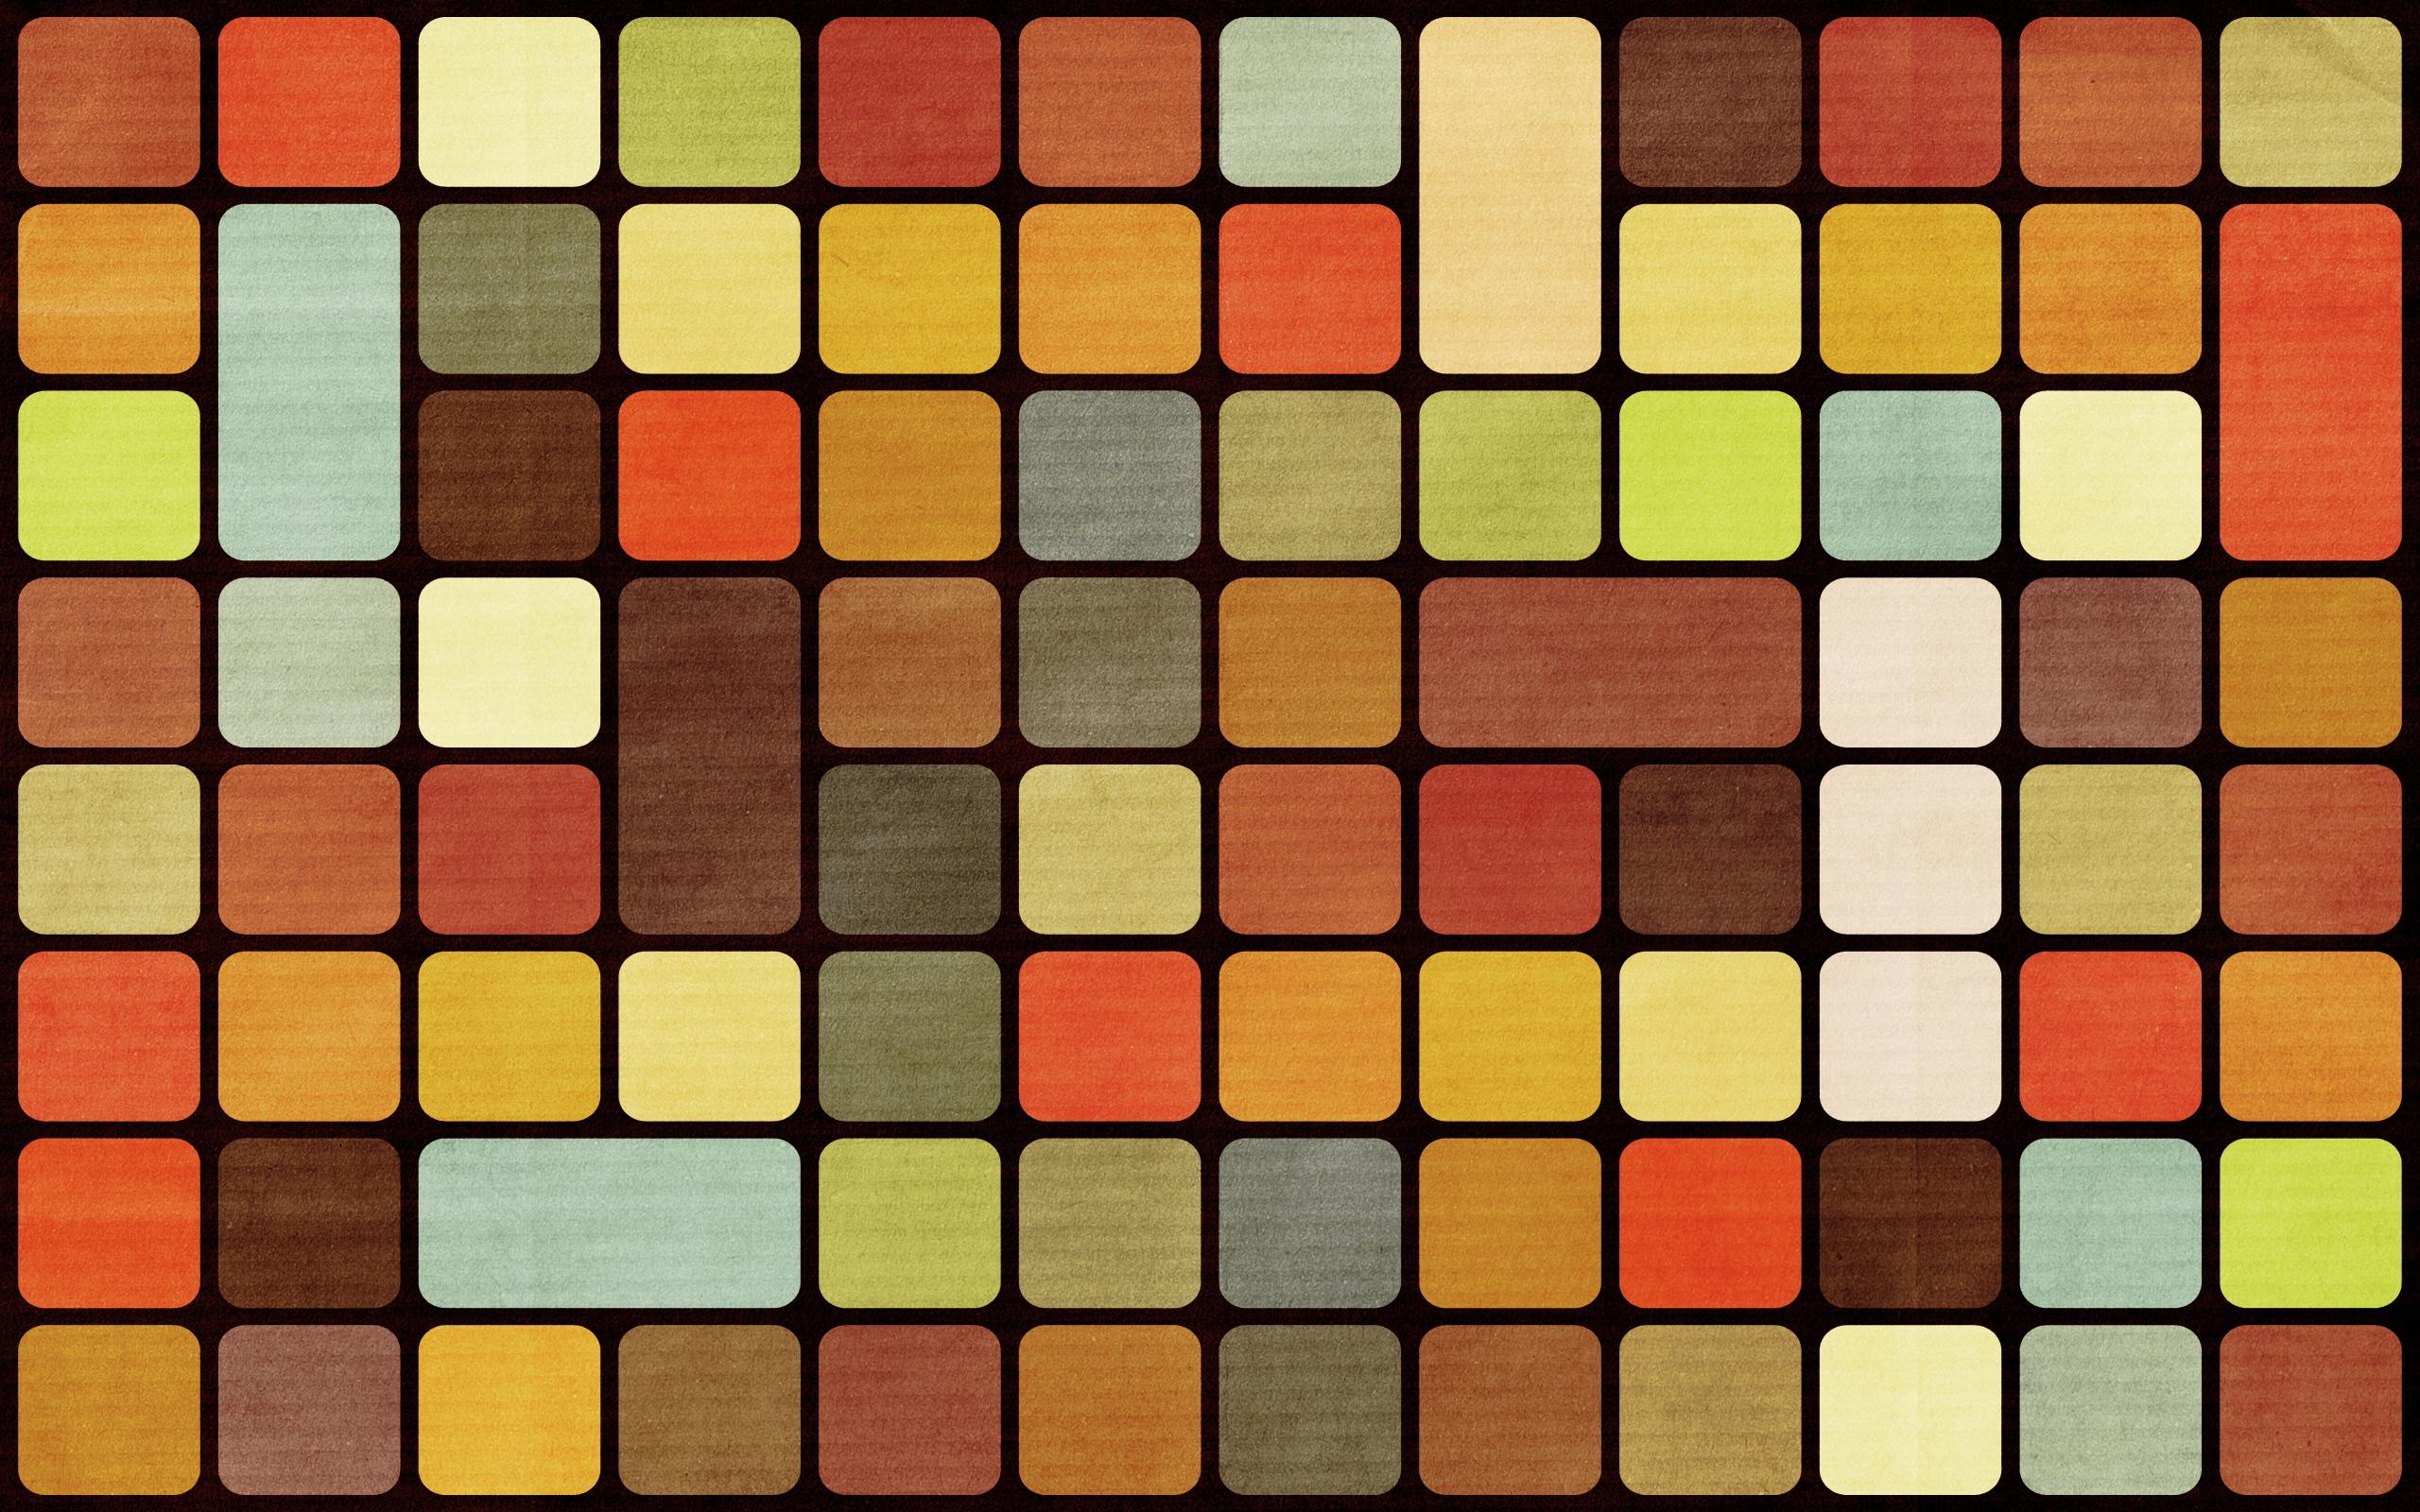 Квадраты фигуры свет блоки  № 3670653 бесплатно